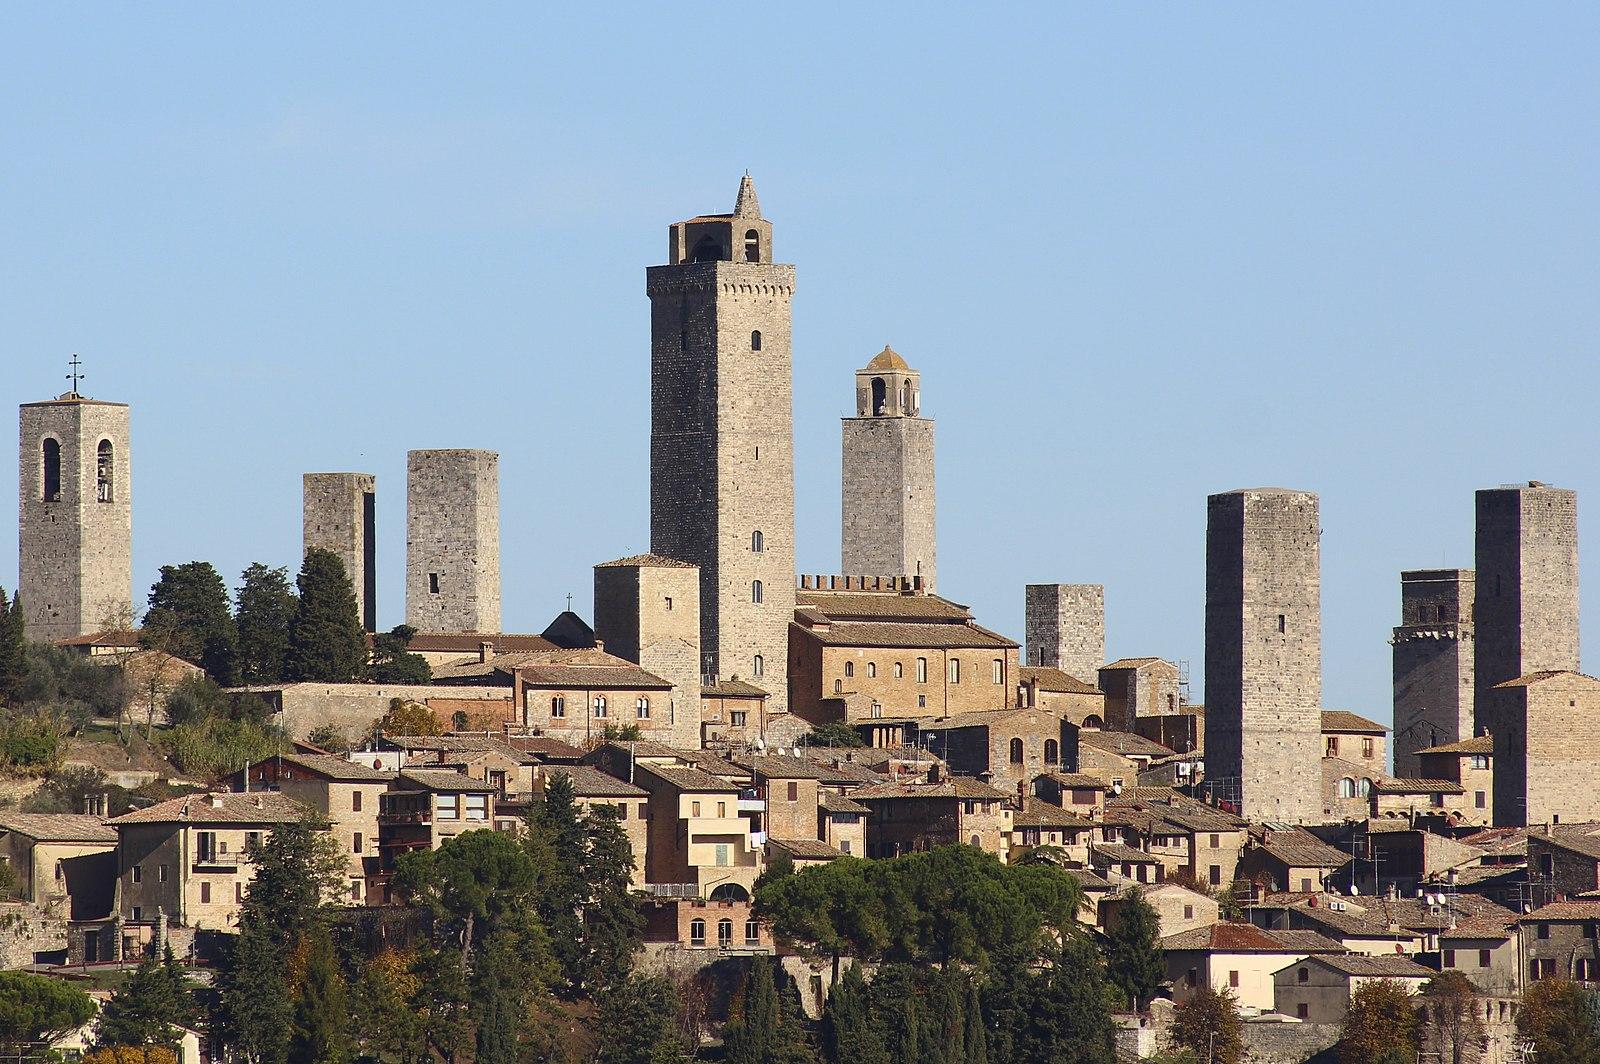 tuscany-san-gimignano-experience-italy4golf